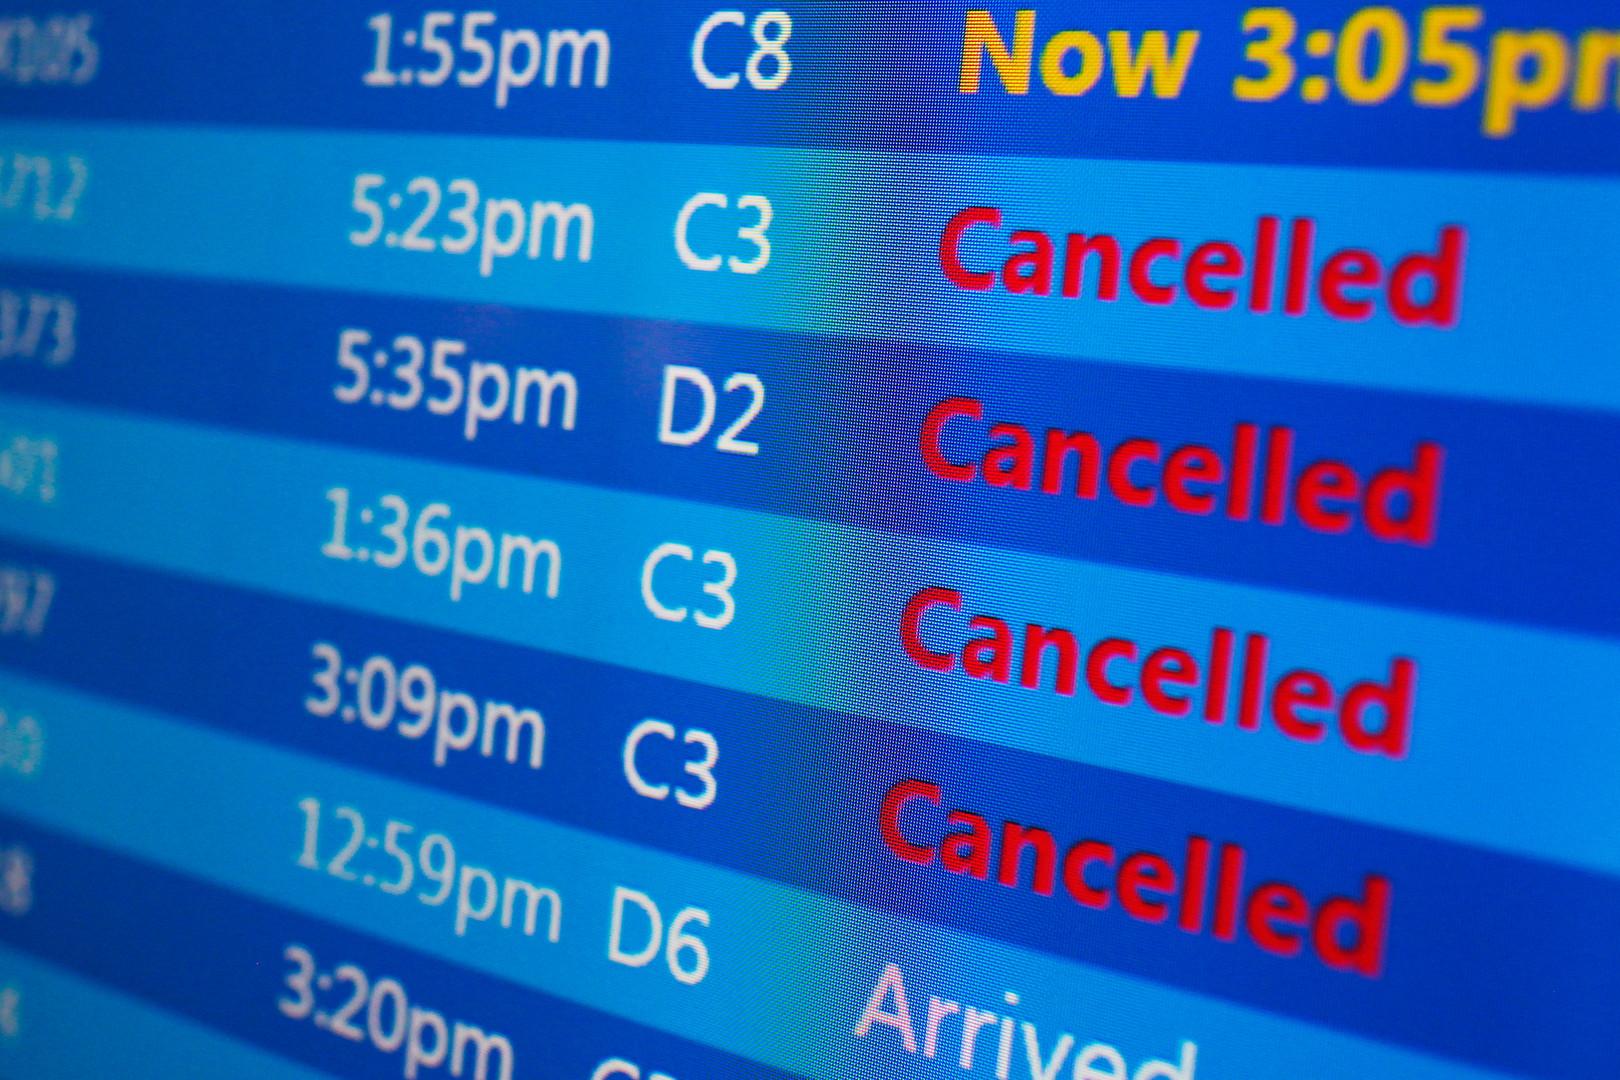 Des milliers de vols ont dû être annulés